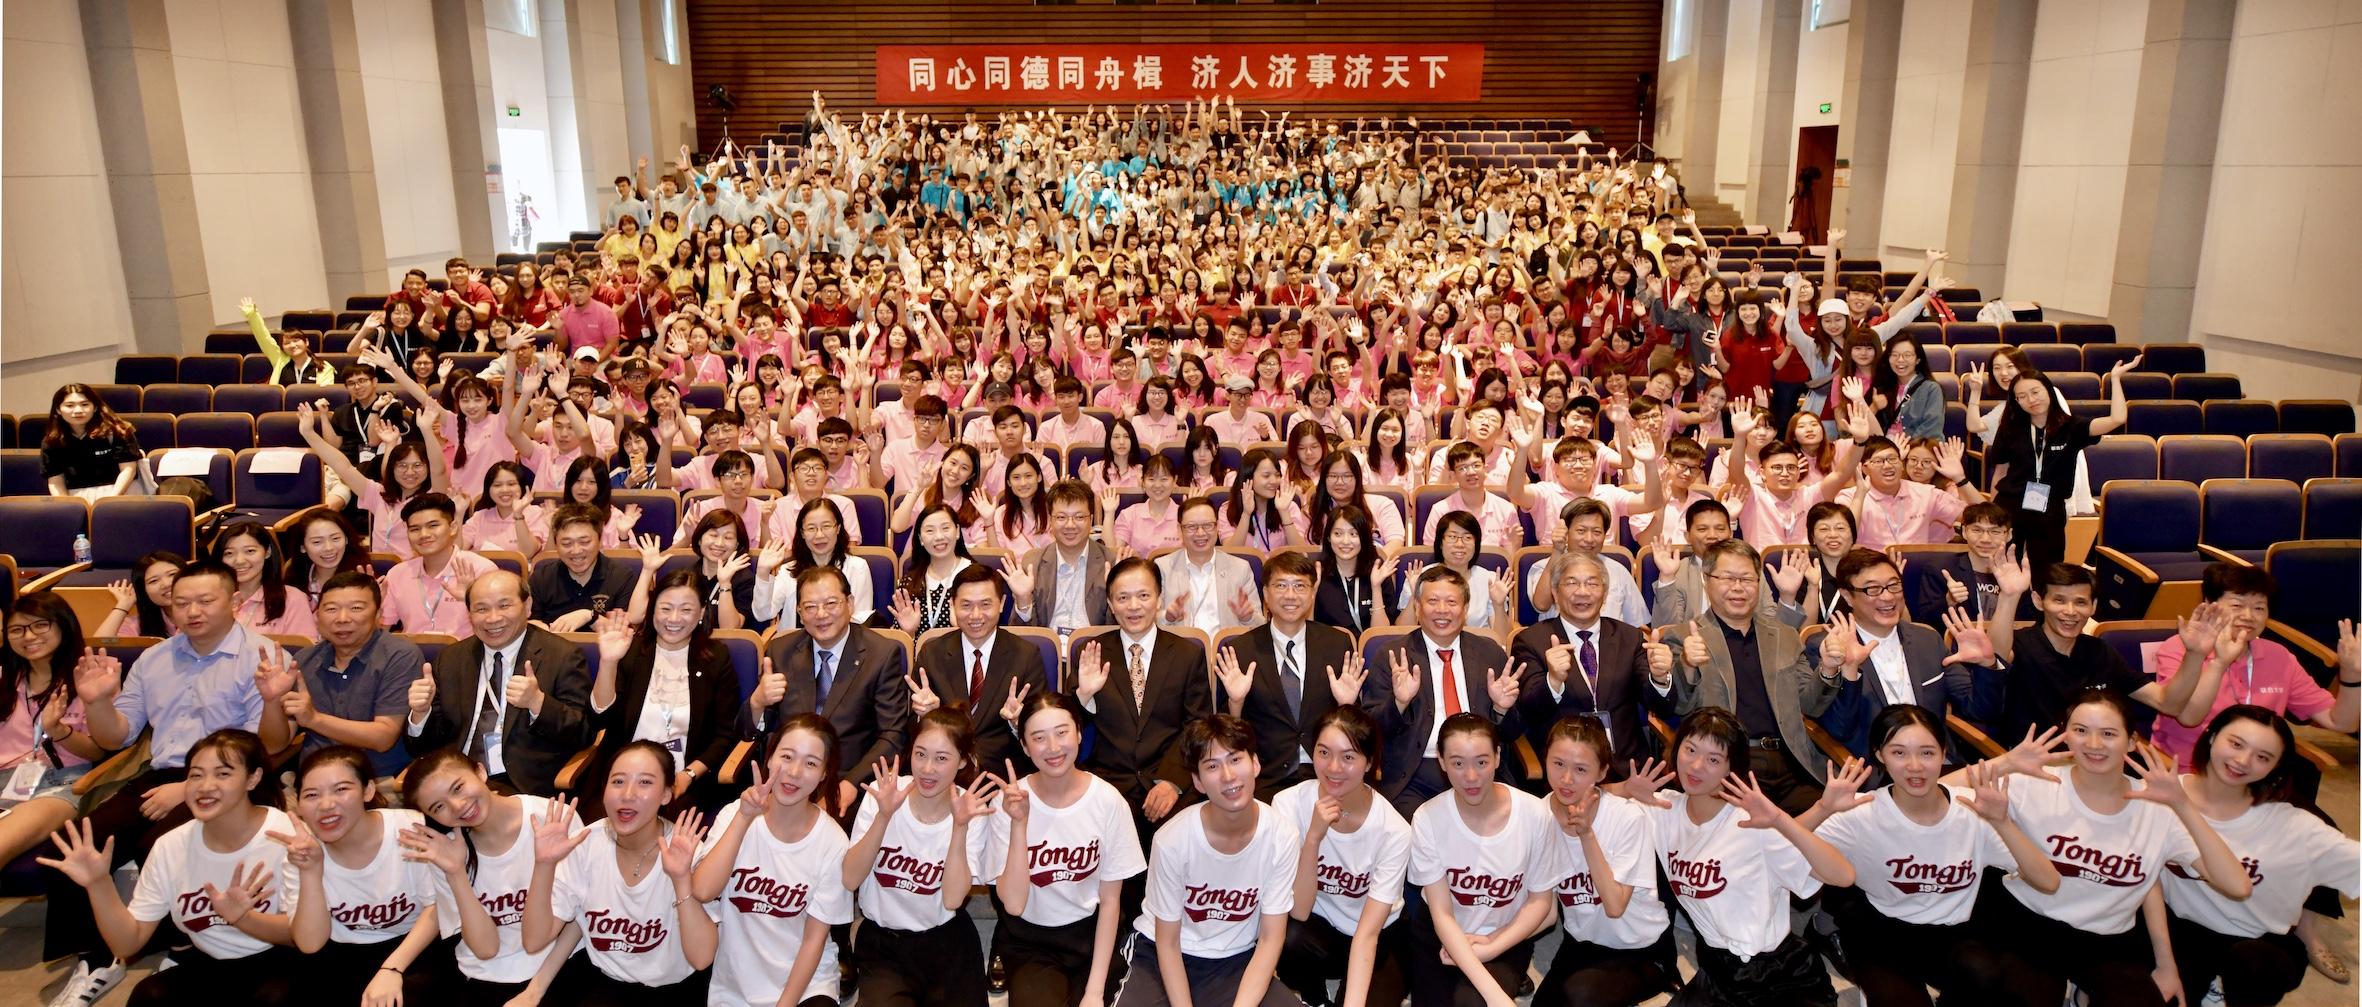 聯合大學開學典禮在滬同濟大學舉行。官方供圖